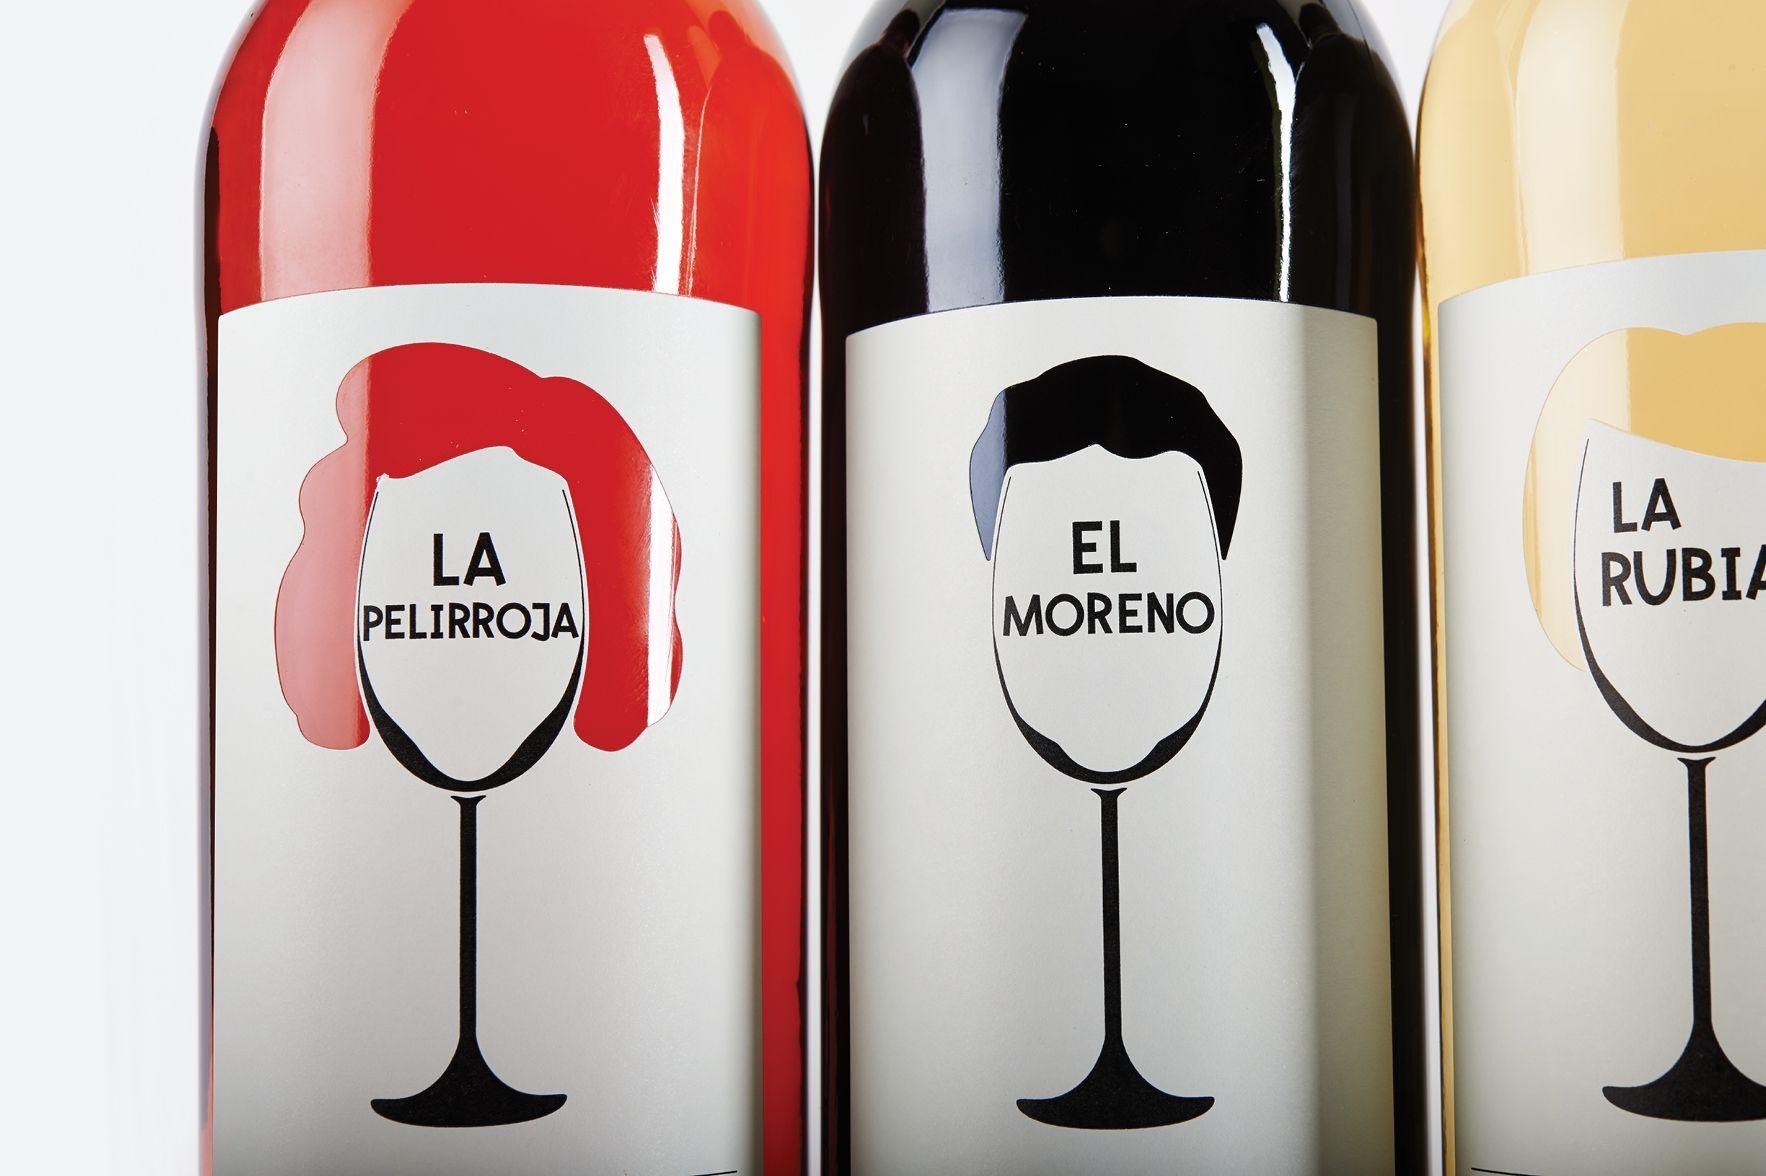 Wine Republic Berlin Wine Design Wine Bottle Wine